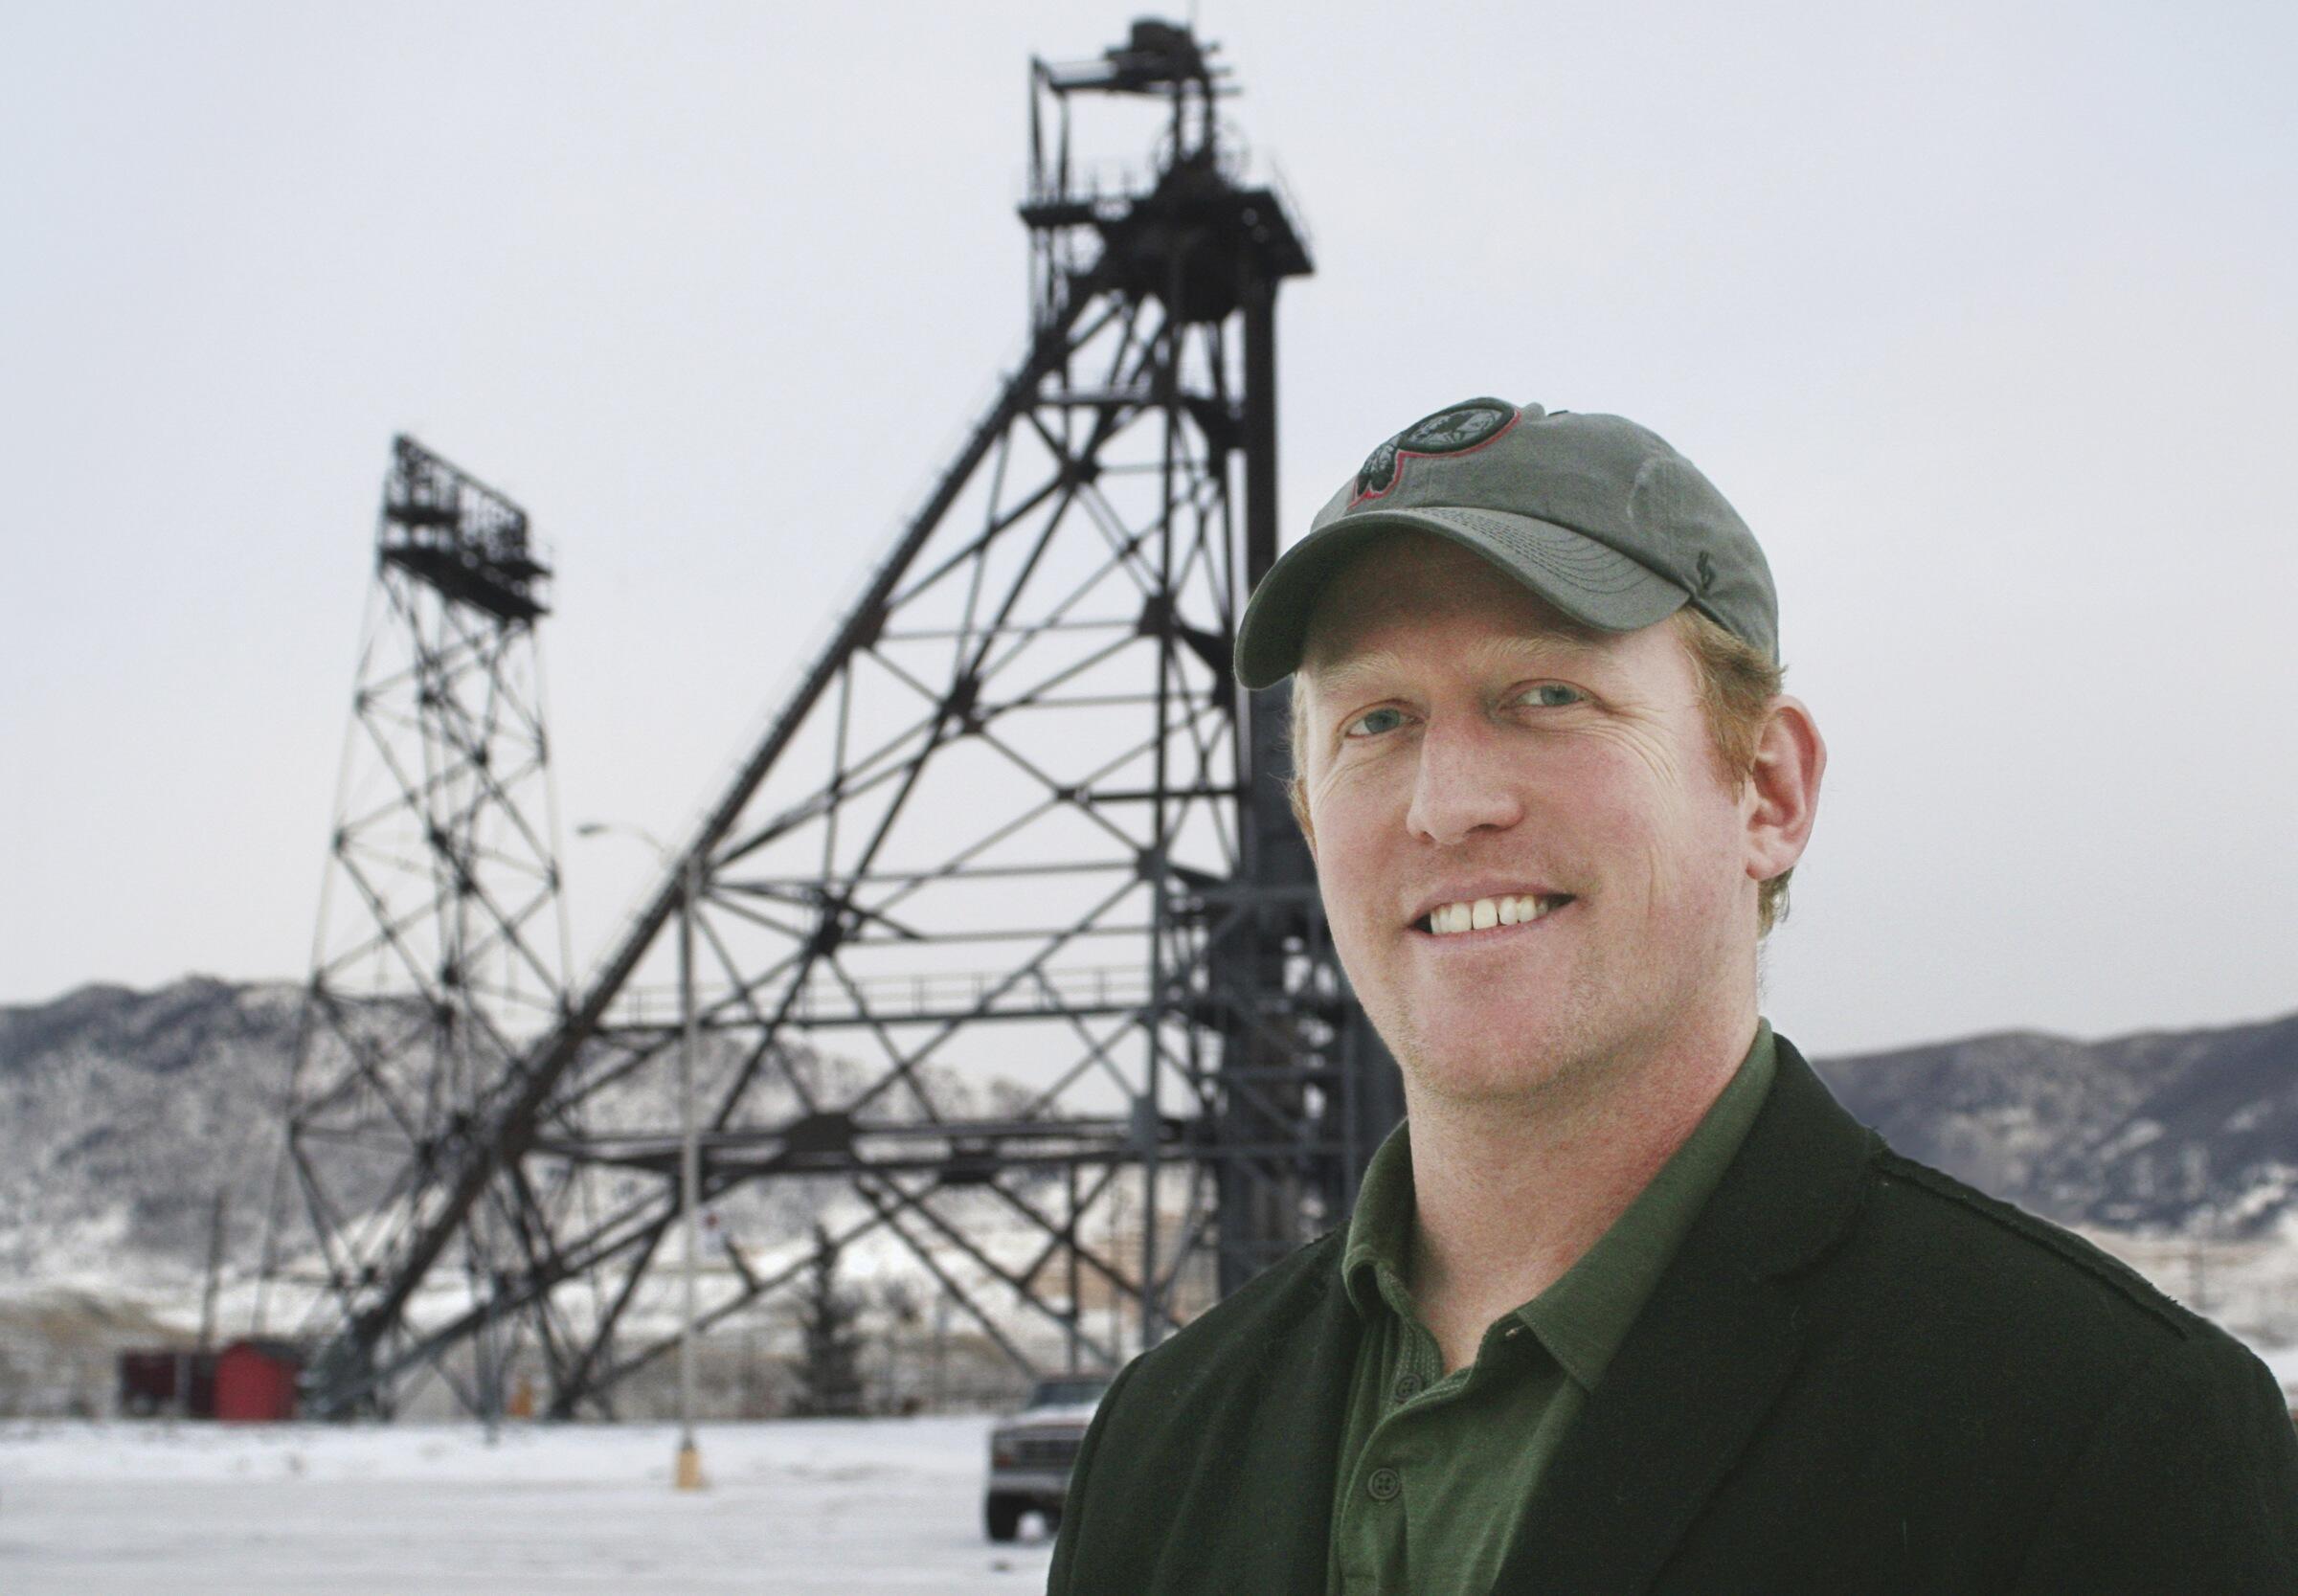 Robert O'Neill, ancien membre des forces spéciales de la Marine, se présente comme l'homme qui a tué Oussama Ben Laden en 2011.